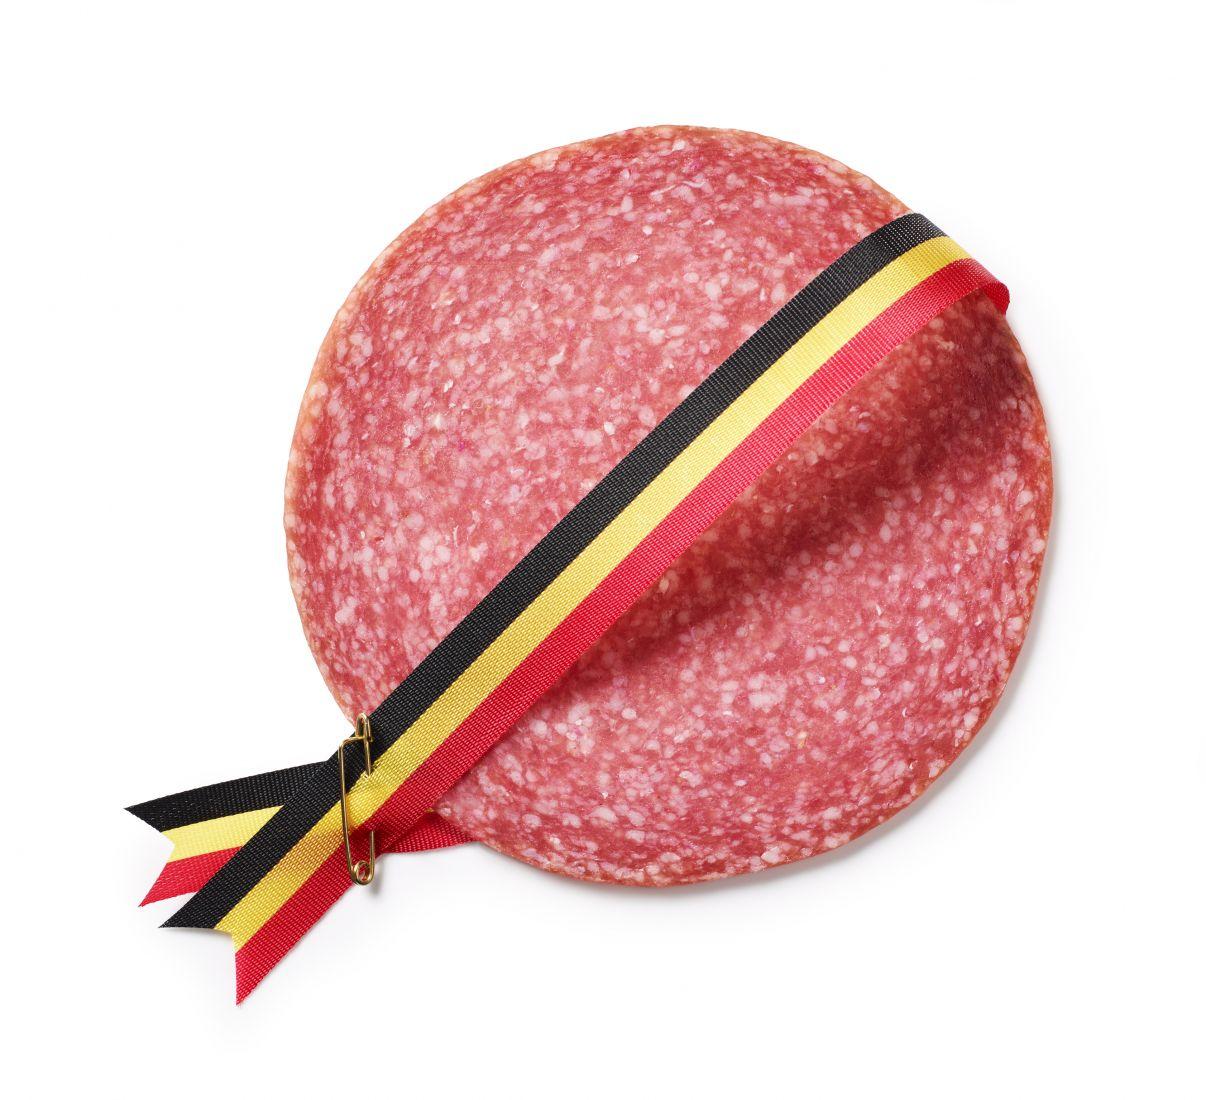 Cock's Fresh Het beleg van Belgie